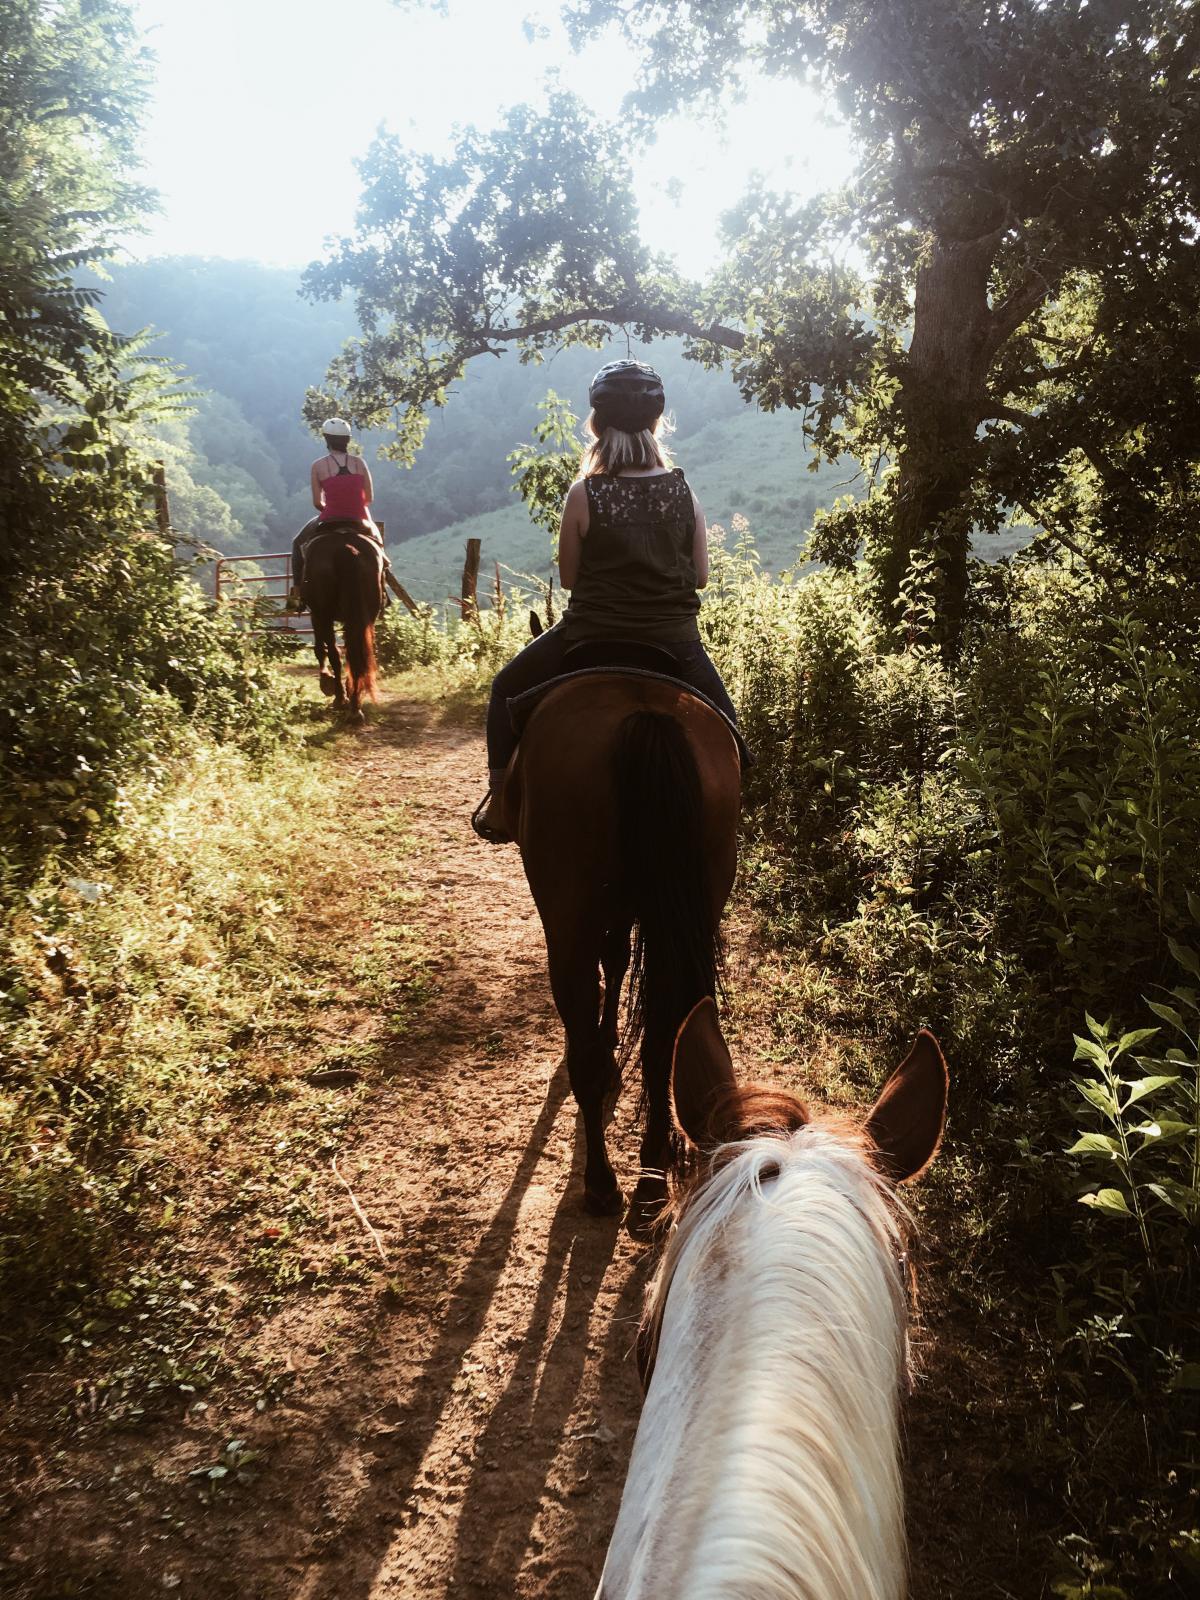 Resort Cowboy Horse